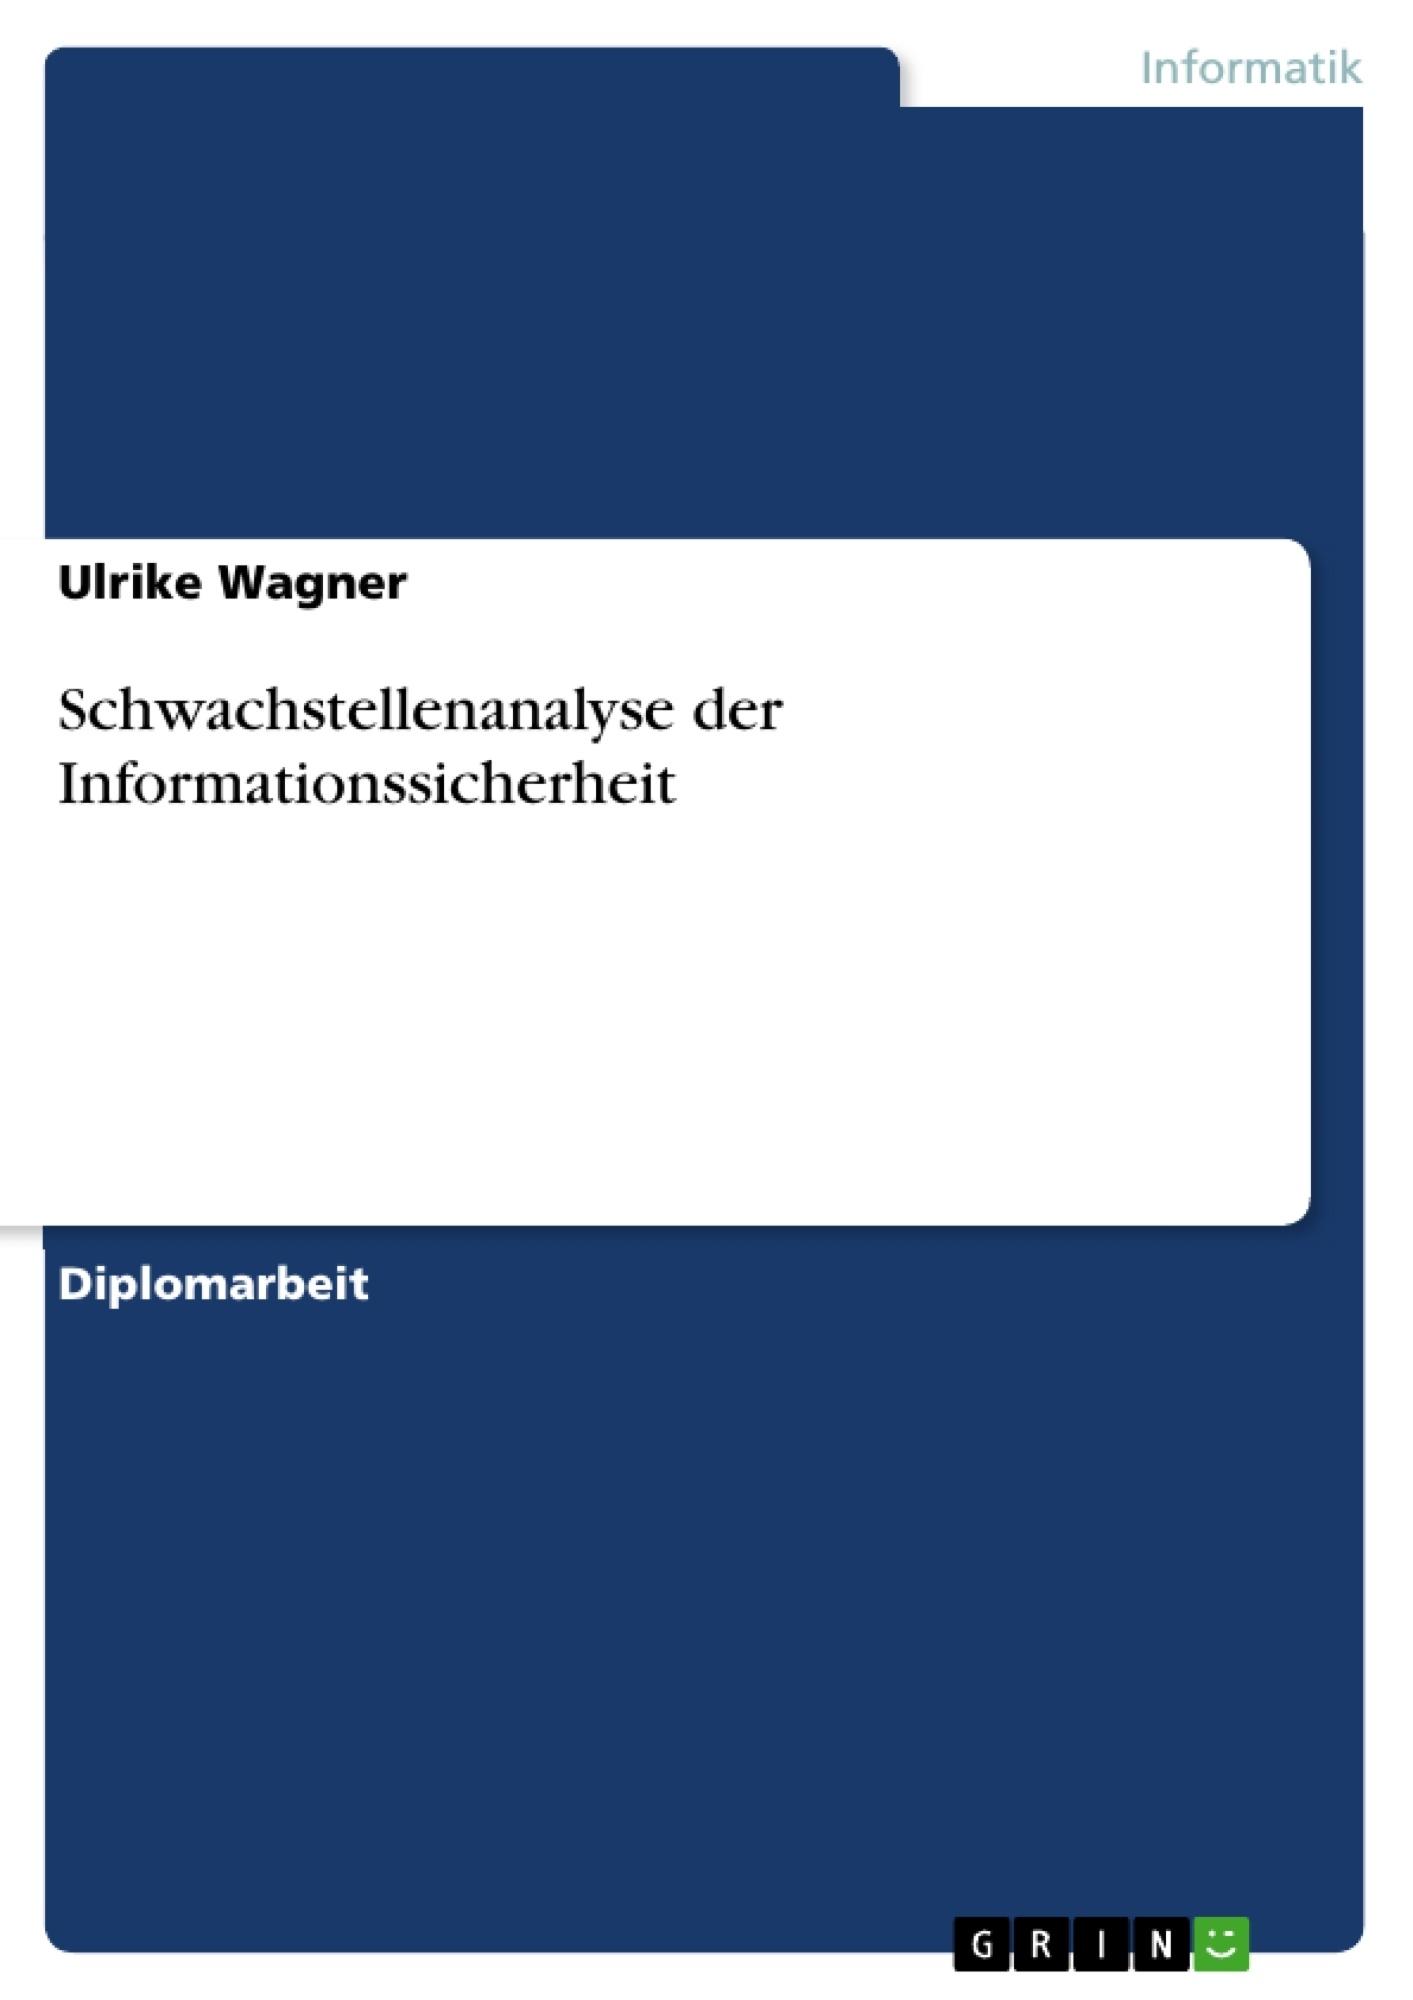 Titel: Schwachstellenanalyse der Informationssicherheit